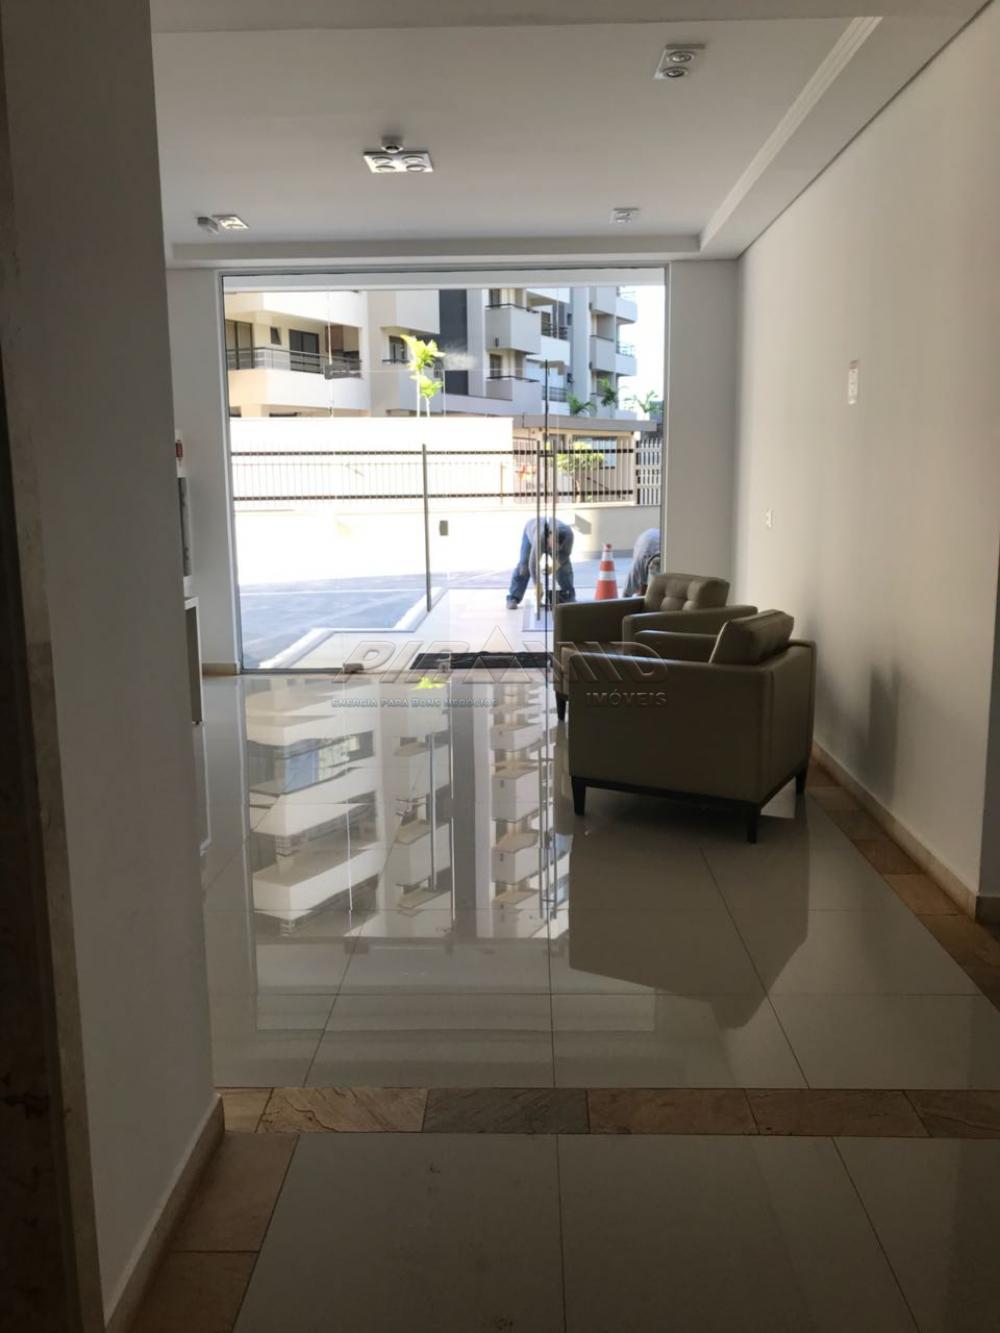 Alugar Apartamento / Padrão em Ribeirão Preto apenas R$ 1.500,00 - Foto 13